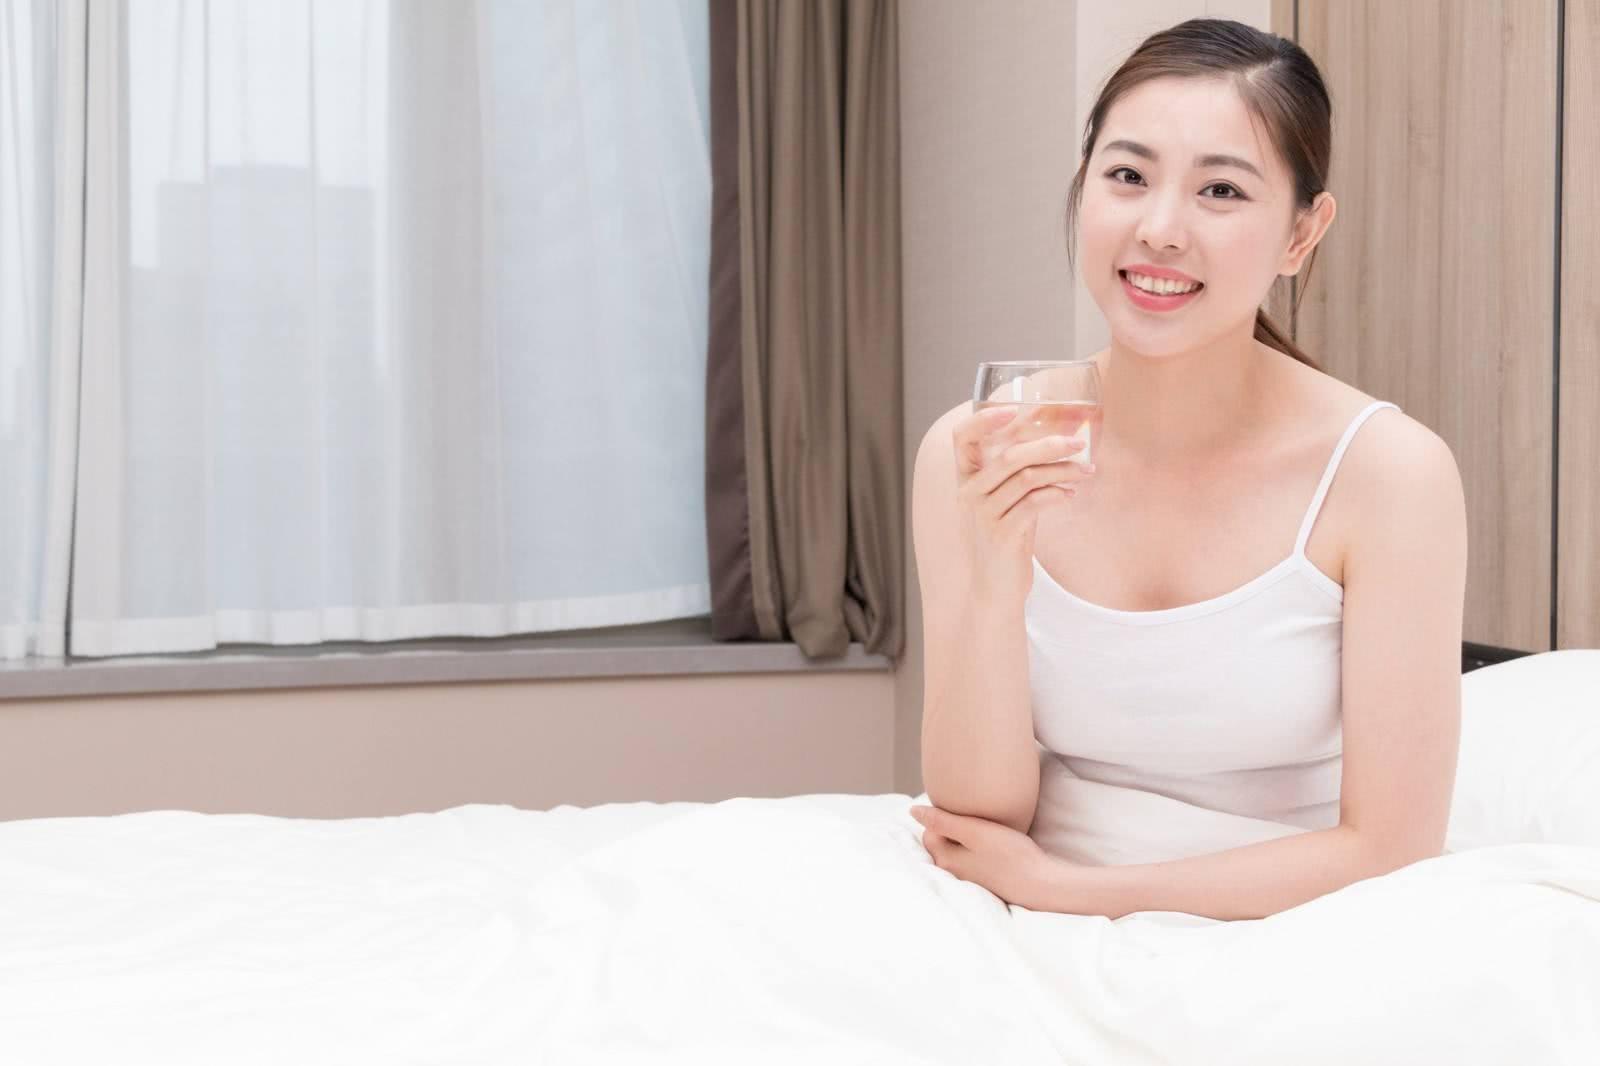 早起睡前到底要不要喝水?关于喝水的2个问题,不妨了解一下